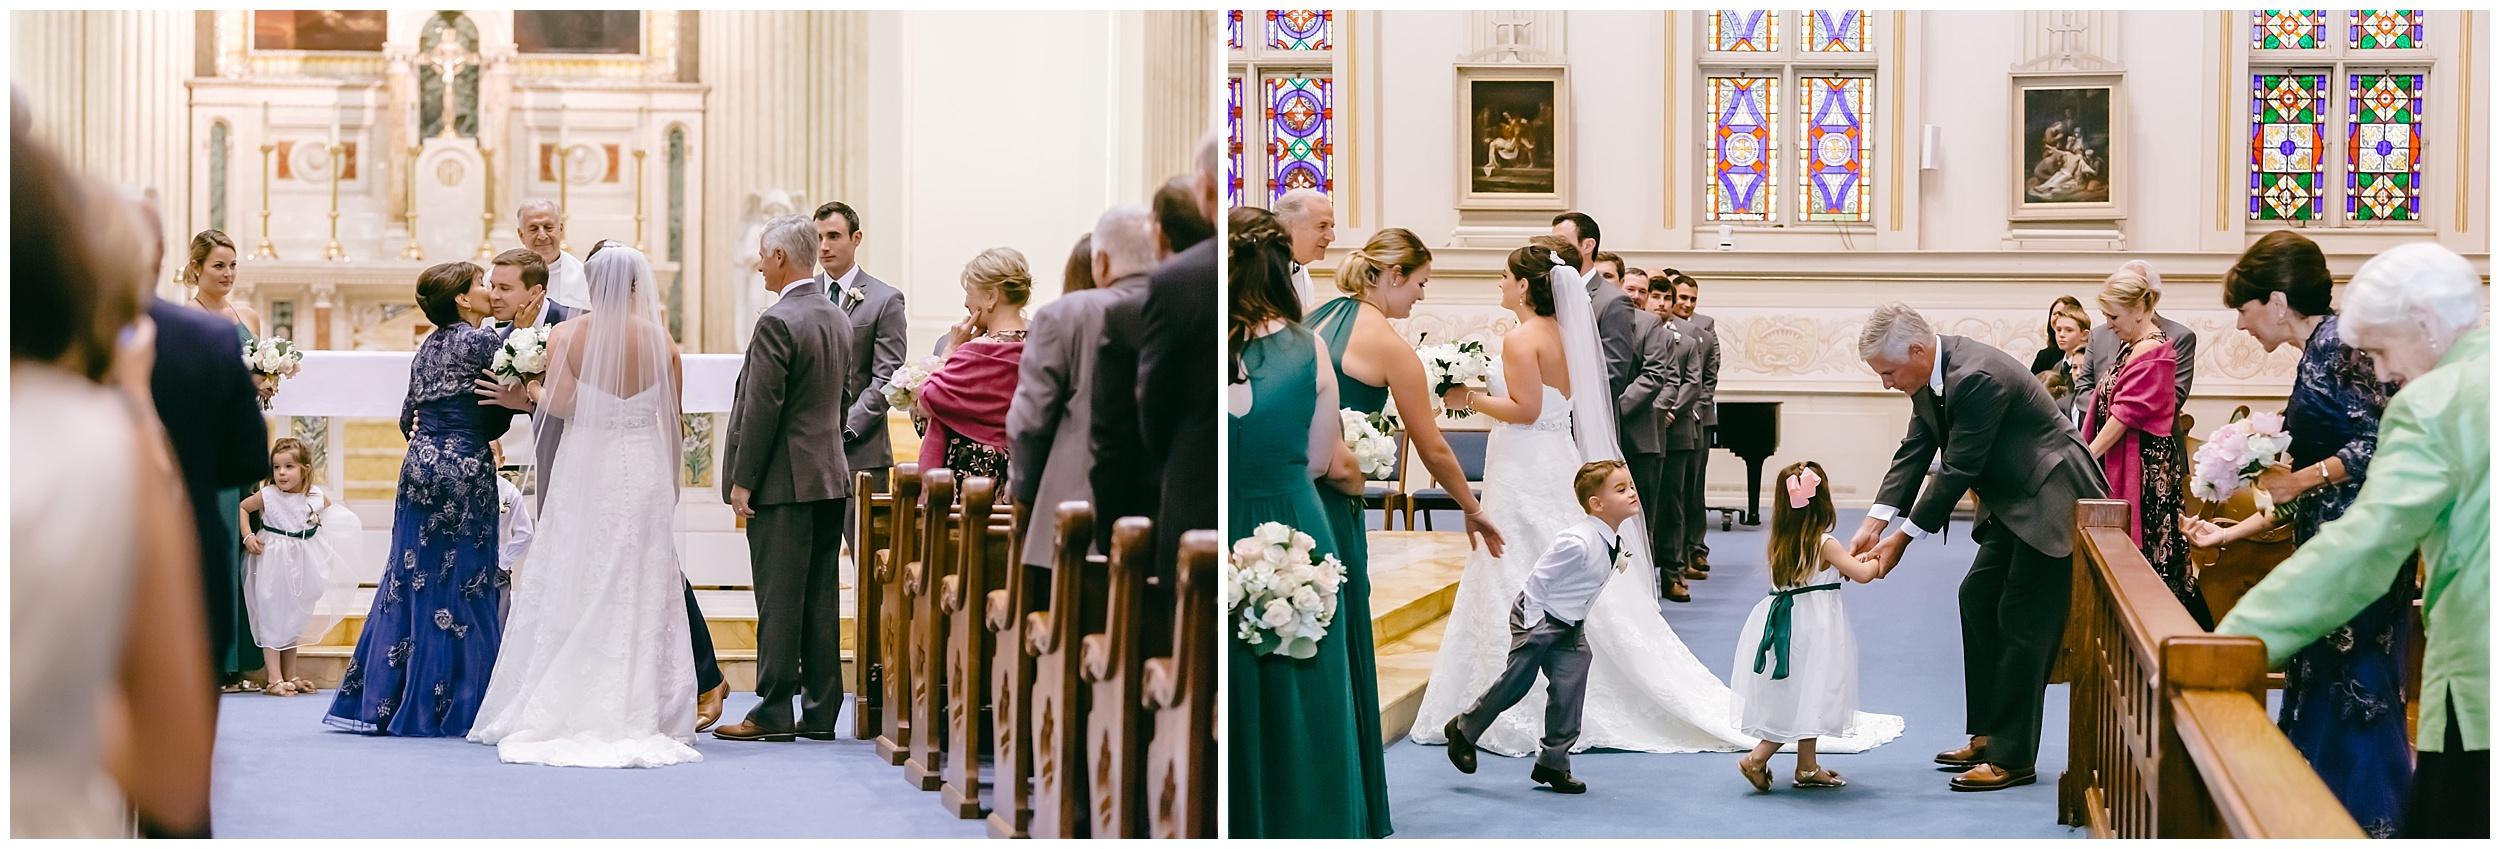 wedding-ceremony-details-washington-dc-photographer